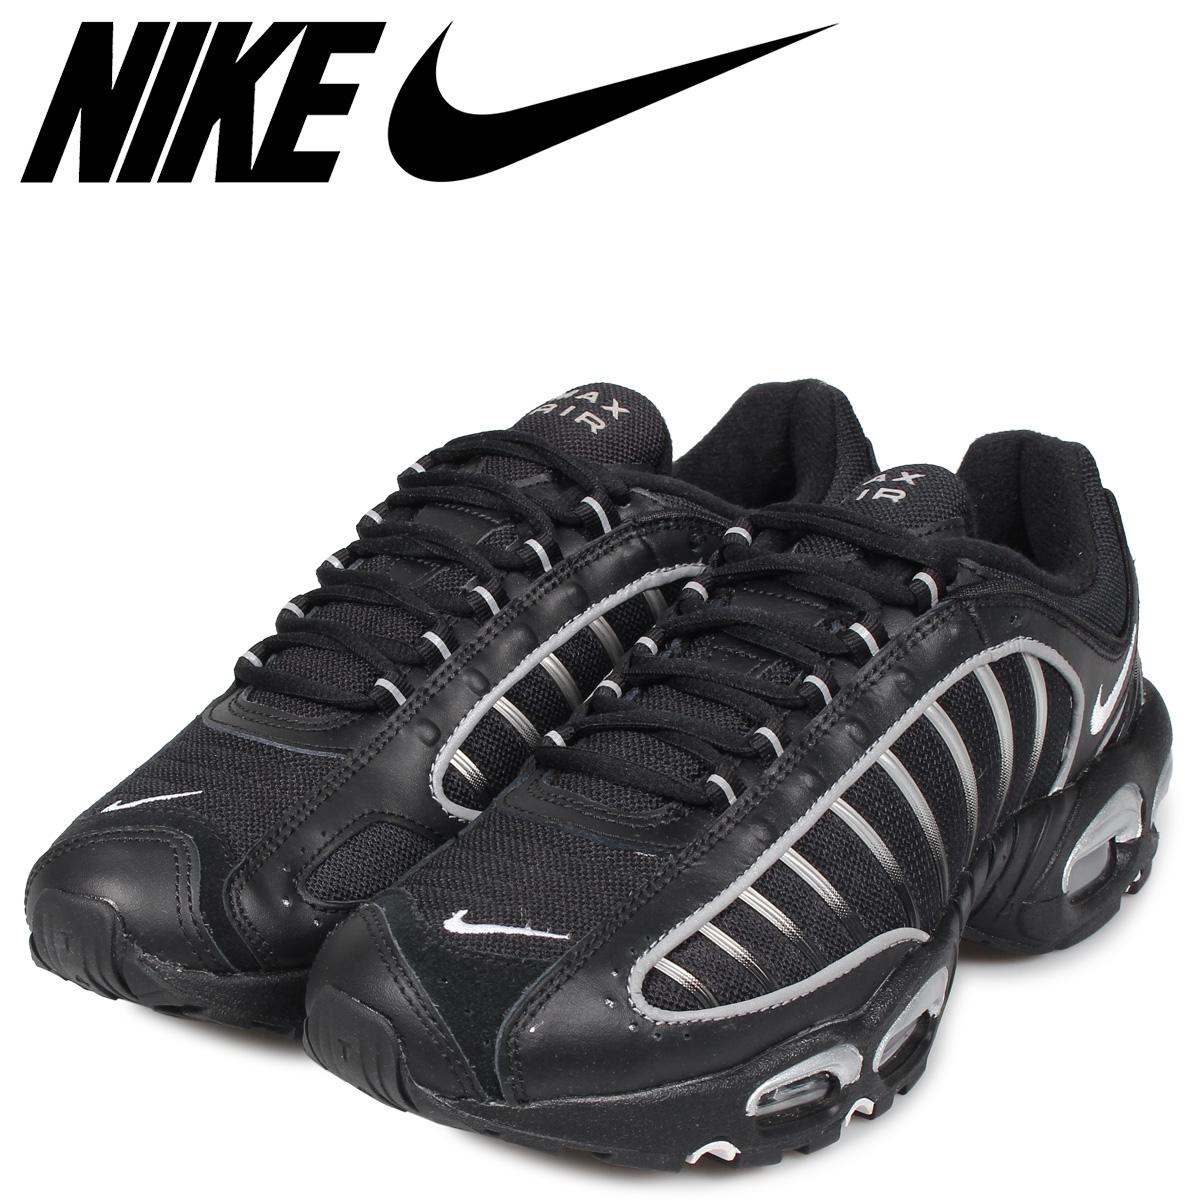 NIKE Kie Ney AMAX tale wind 4 sneakers men AIR MAX TAILWIND 4 black black AQ2567 003 [96 Shinnyu load]